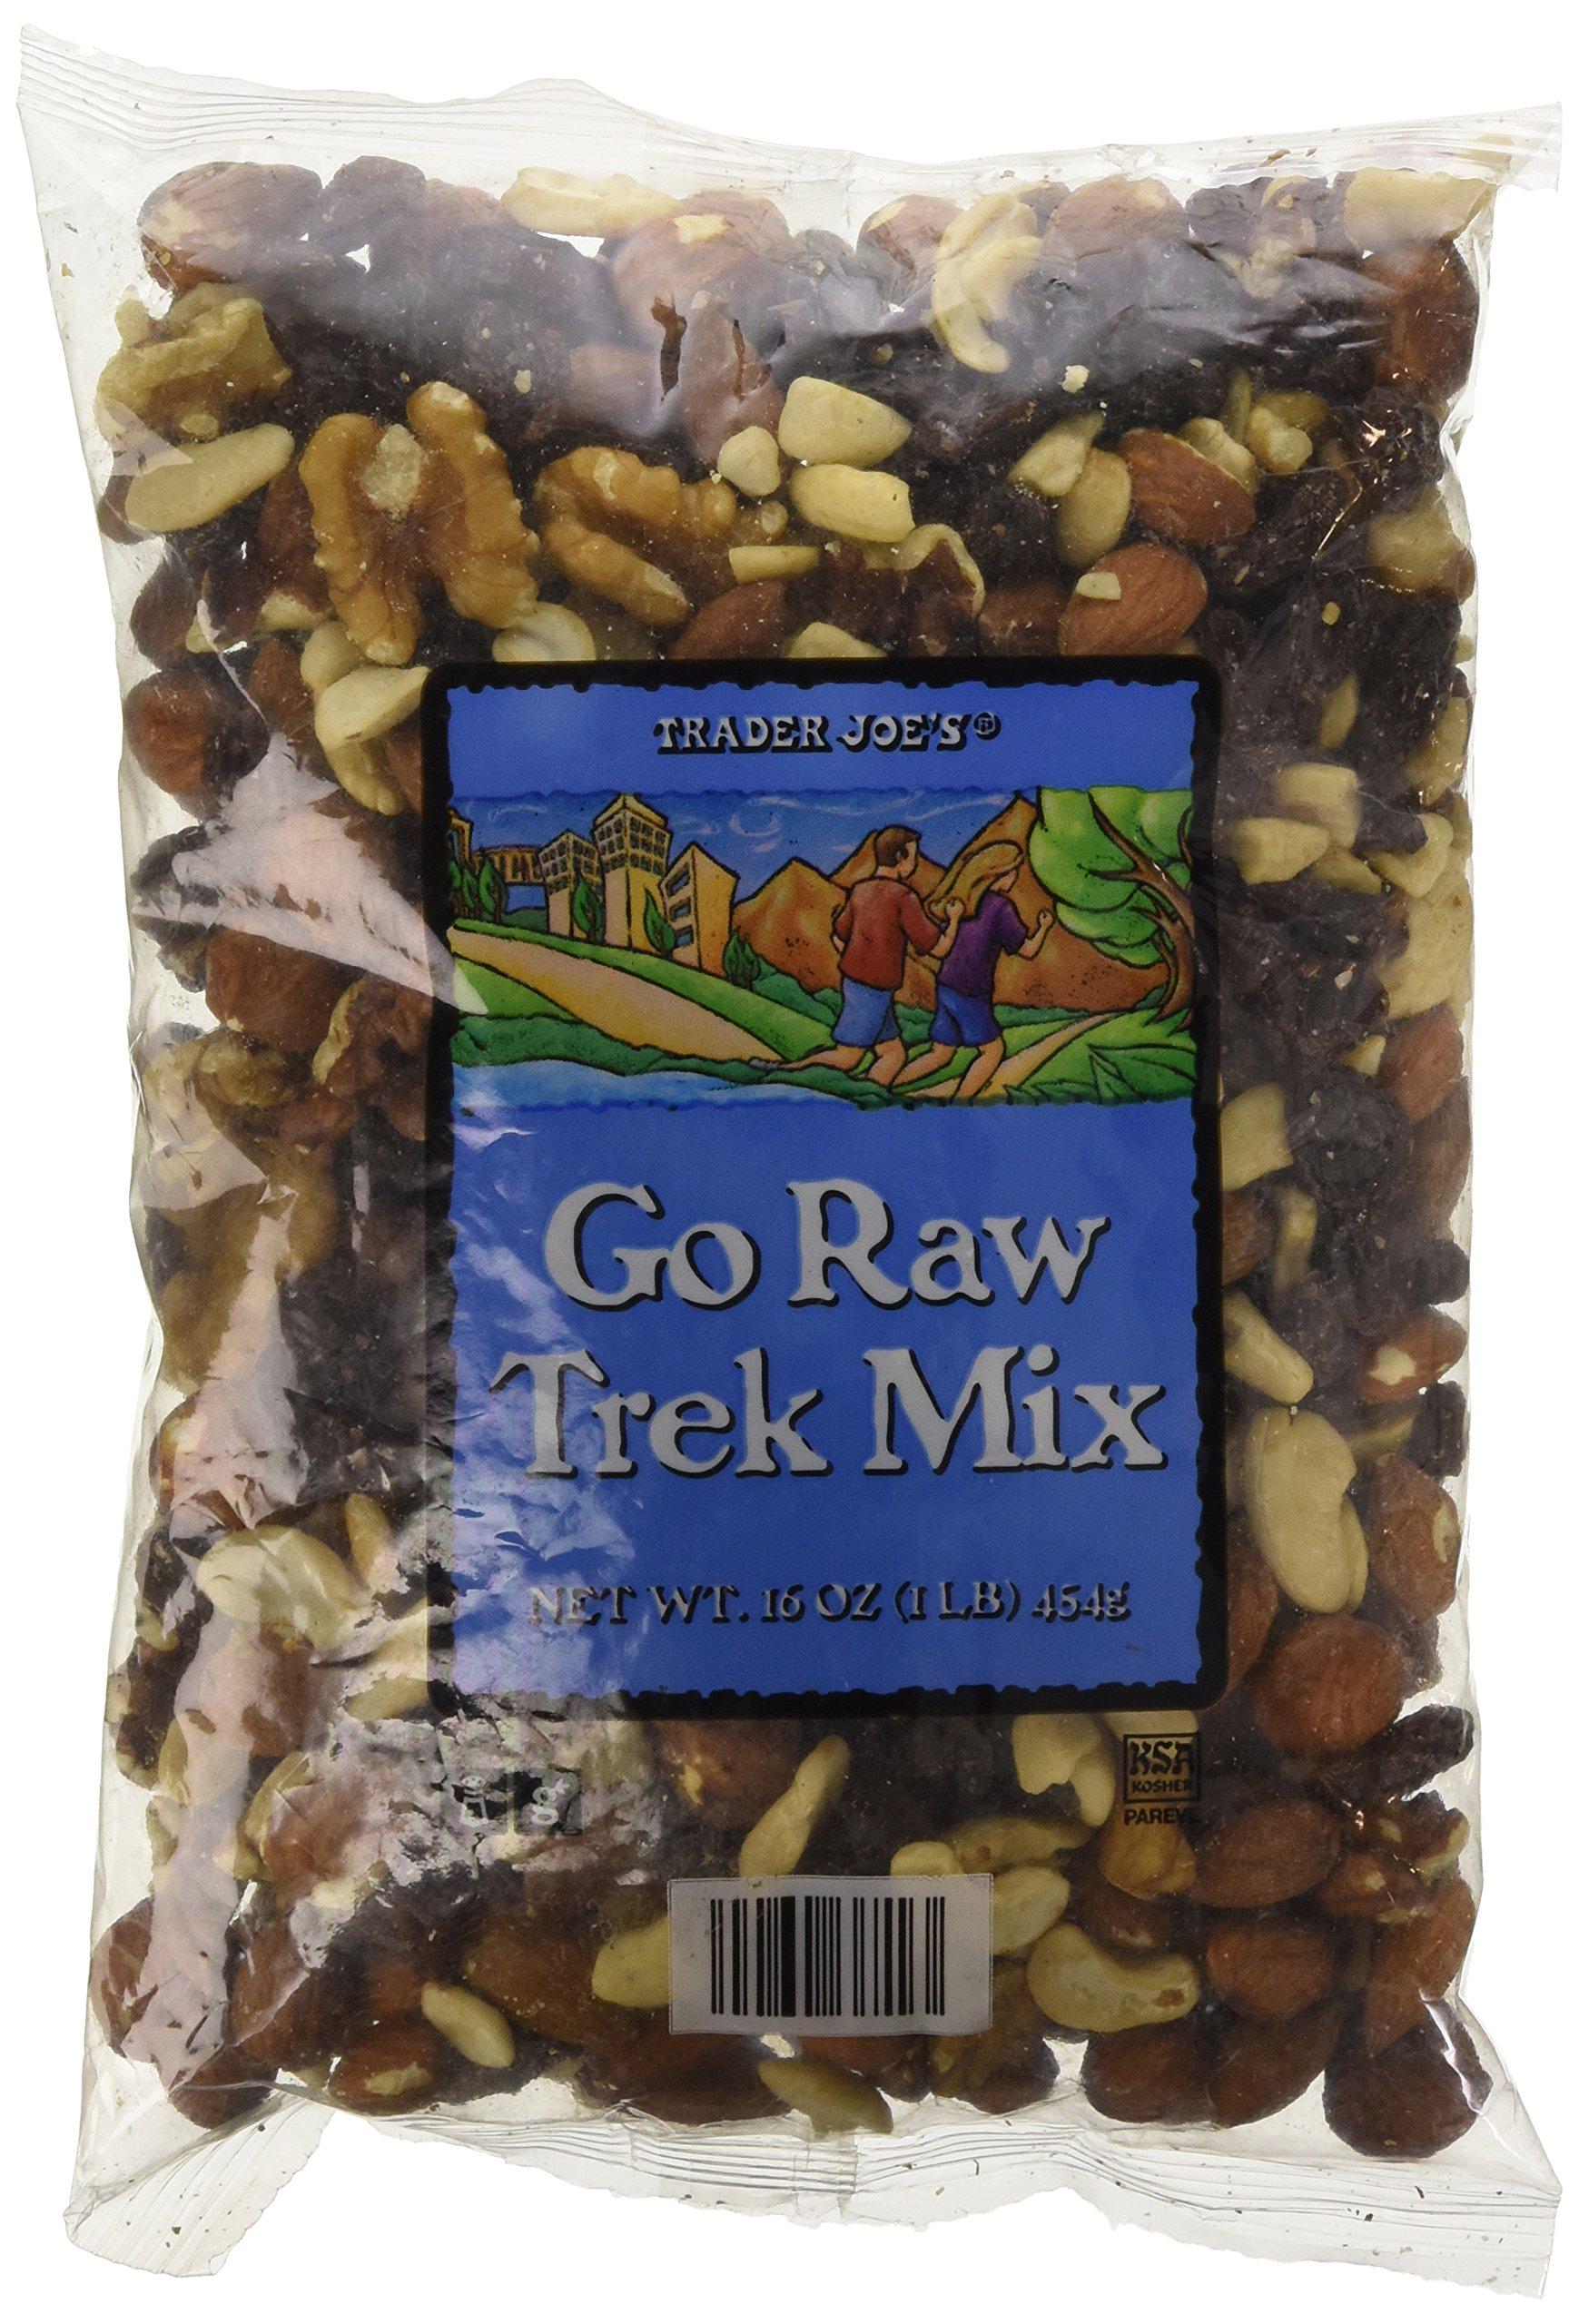 Trader Joe's Go Raw Trek Mix - 1 lb bag